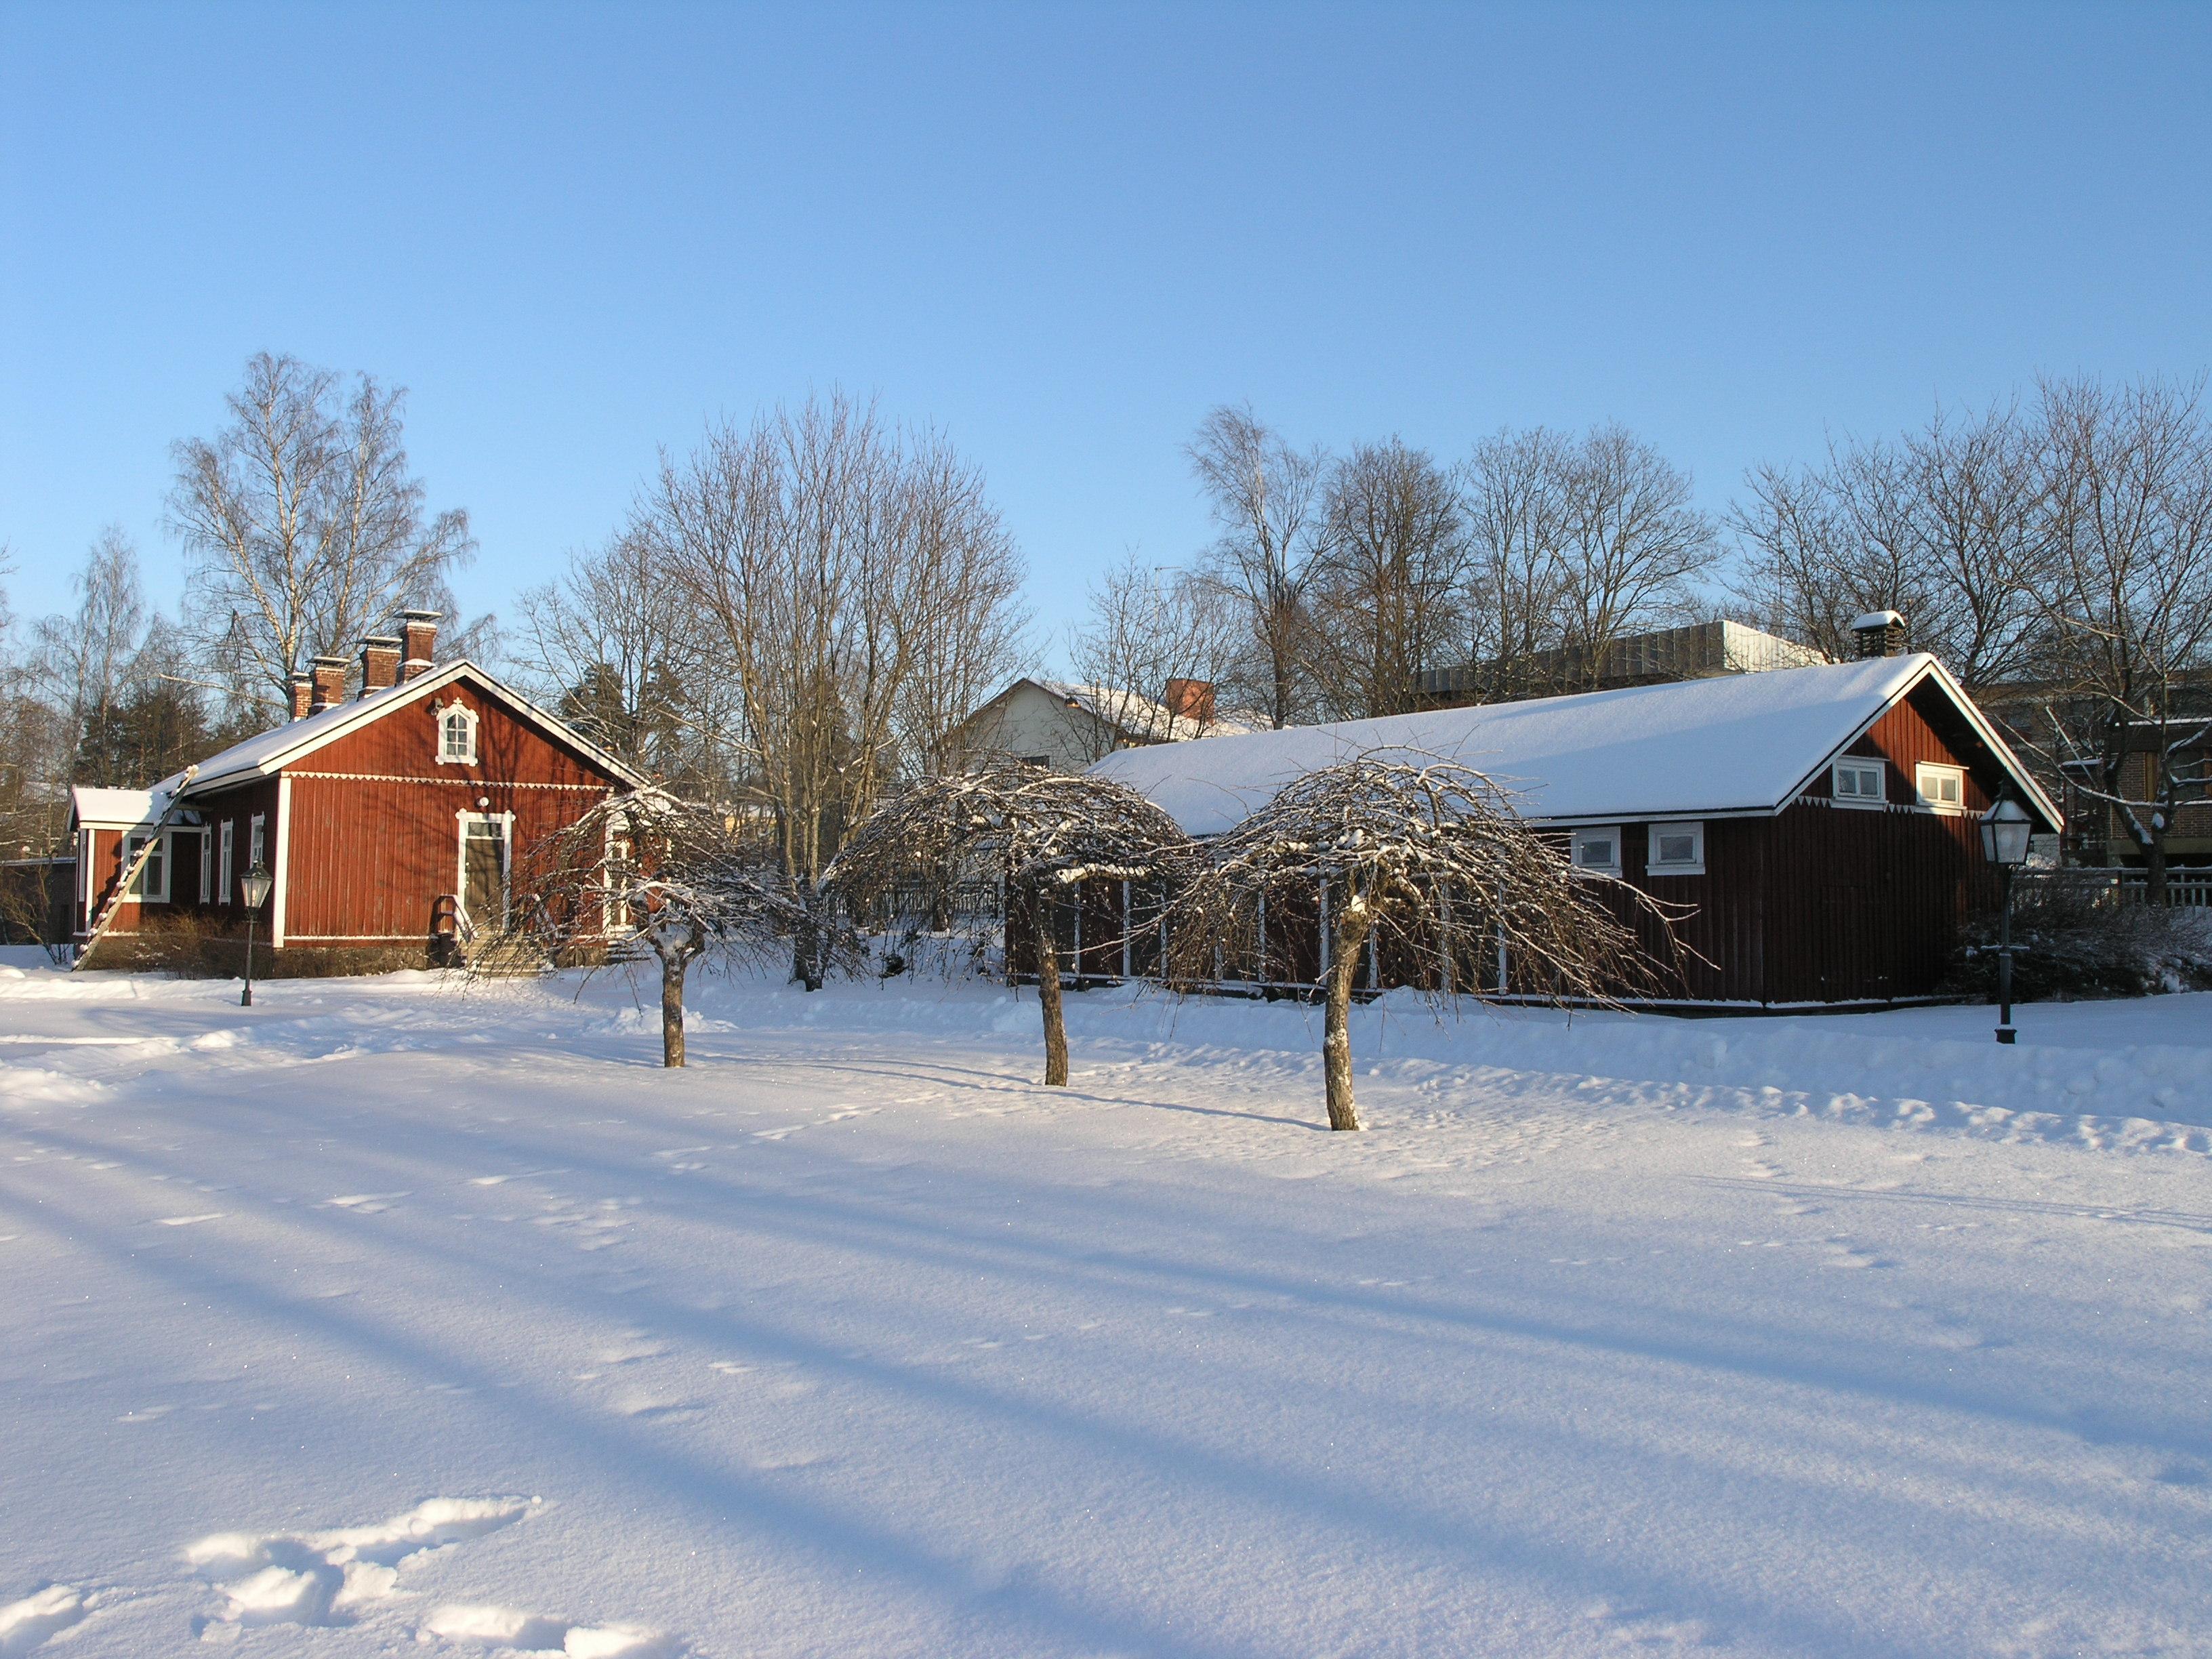 Kasarmi ja liiteri Rautatiemuseon puistossa talvisen maiseman keskellä.